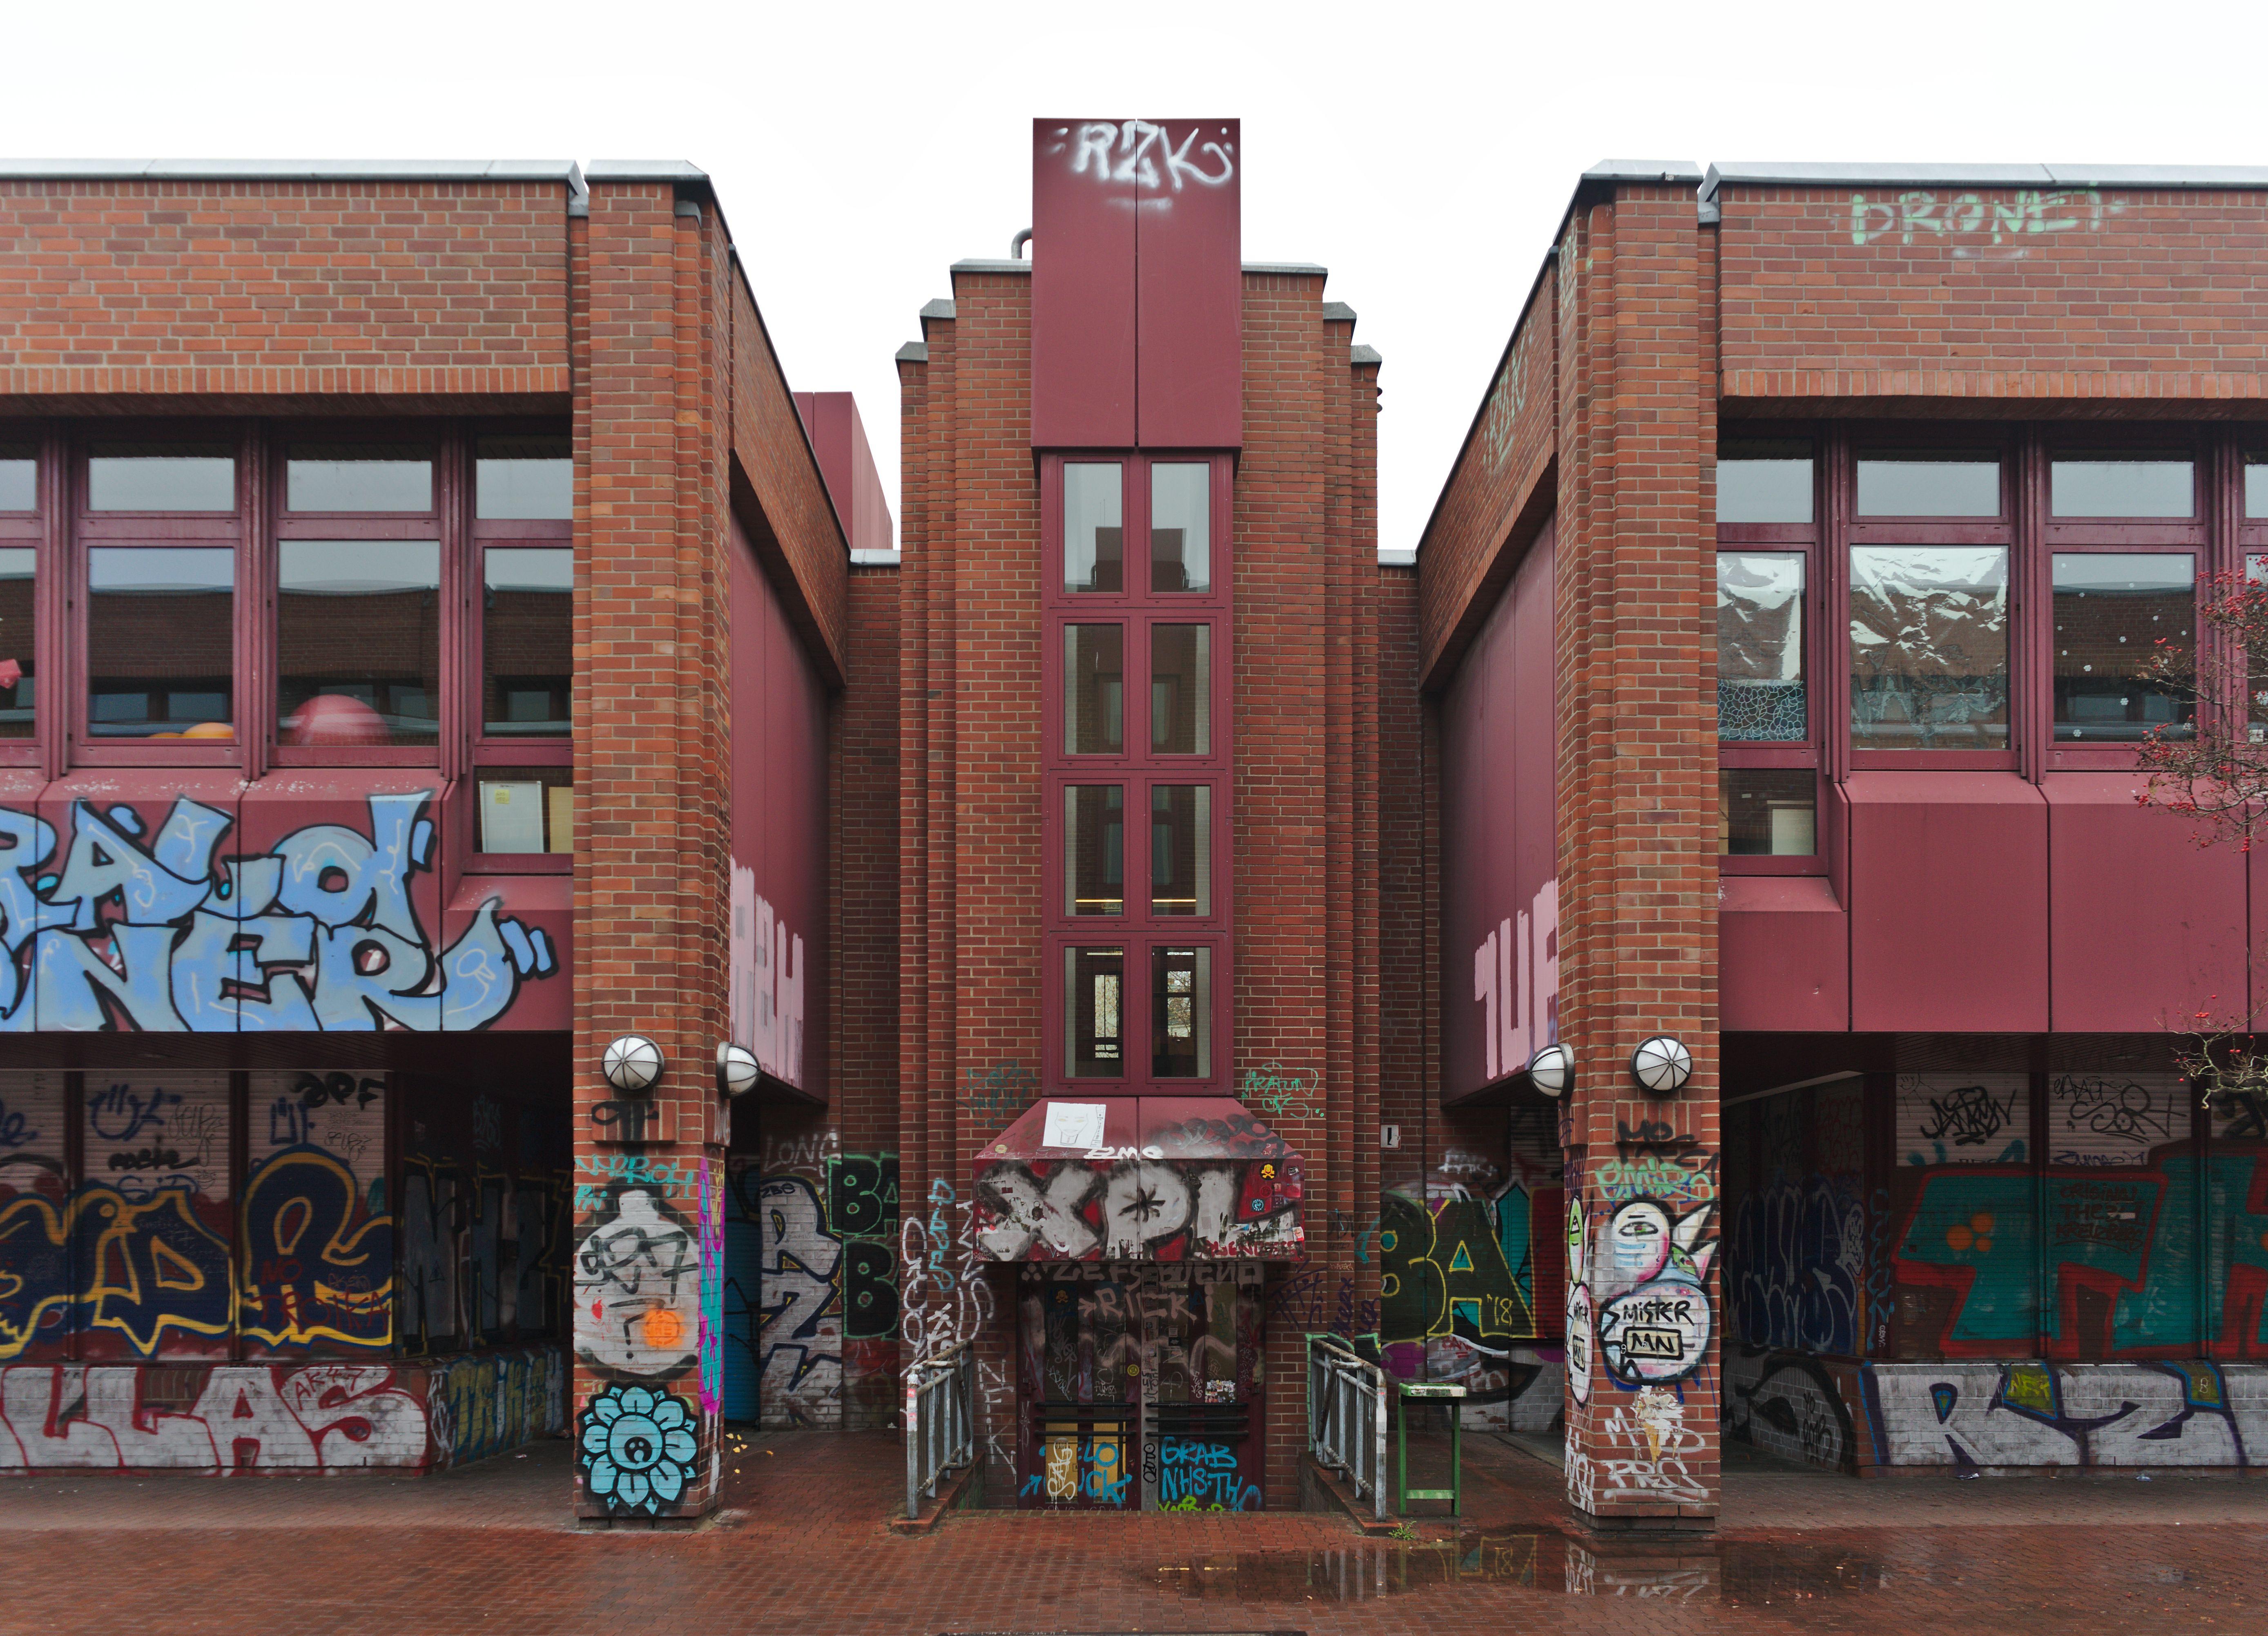 Mit Graffiti Verziert Jens Nydahl Grundschule Gustav Meyer Gebaut Von Unbekannt 0 Kohlfurter Strasse 20 10999 Berlin Deutschl Architektur Mauerwerk Berlin